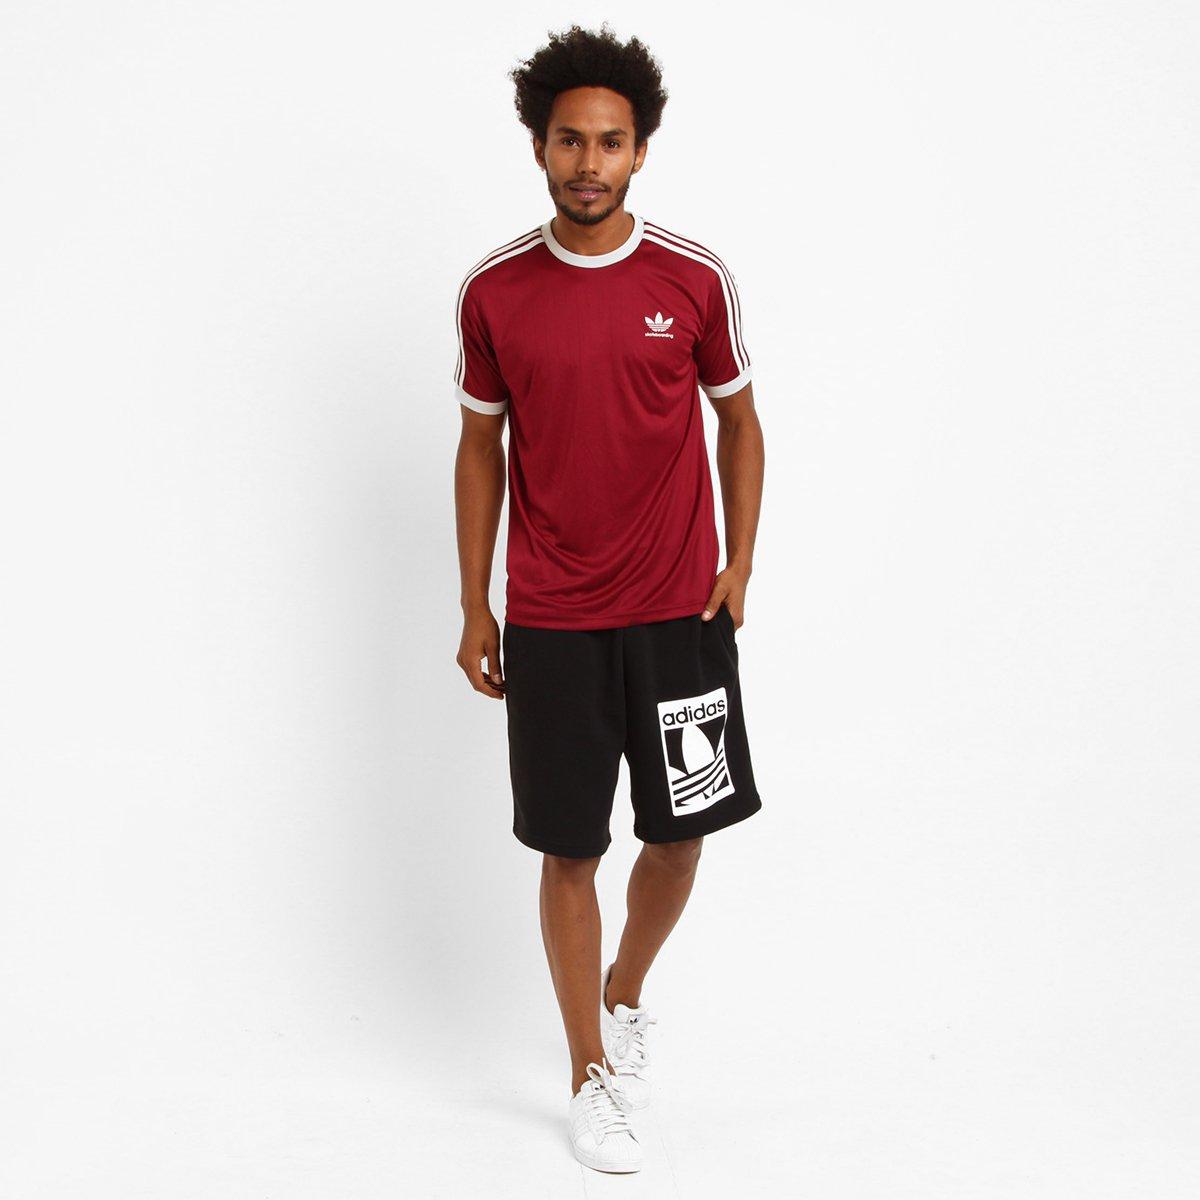 7b28a60c61 Camiseta Adidas Originals Adv Club - Compre Agora